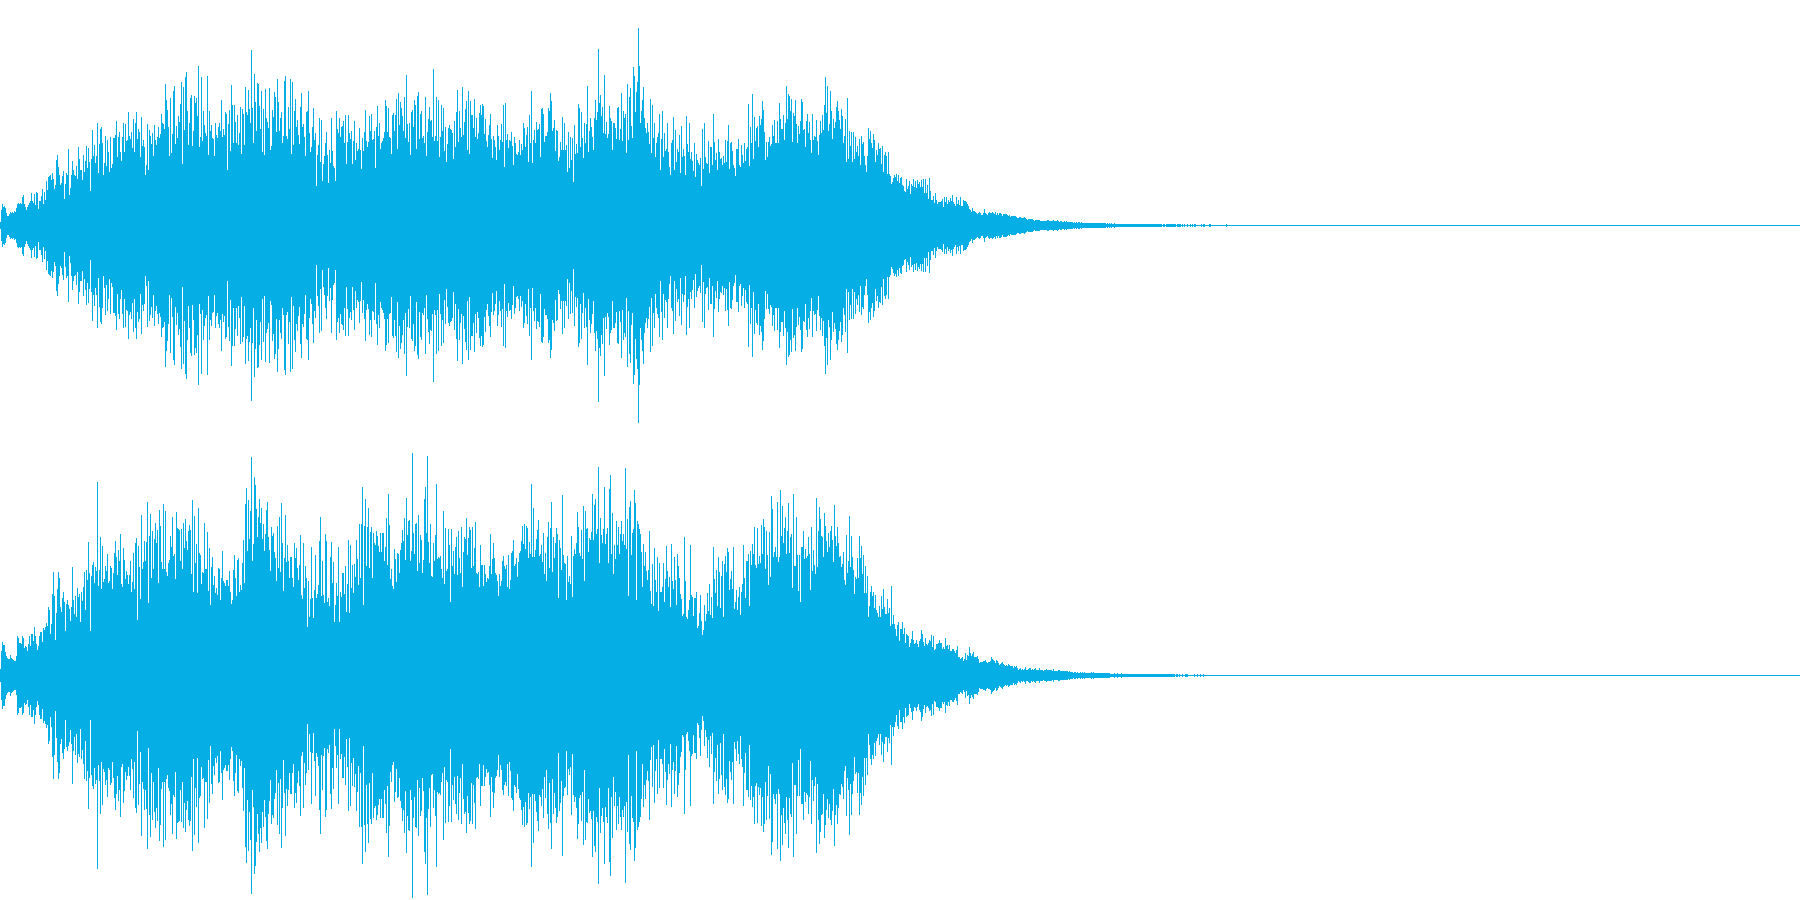 ハープ 魔法 キラキラ 泉 場面転換 1の再生済みの波形